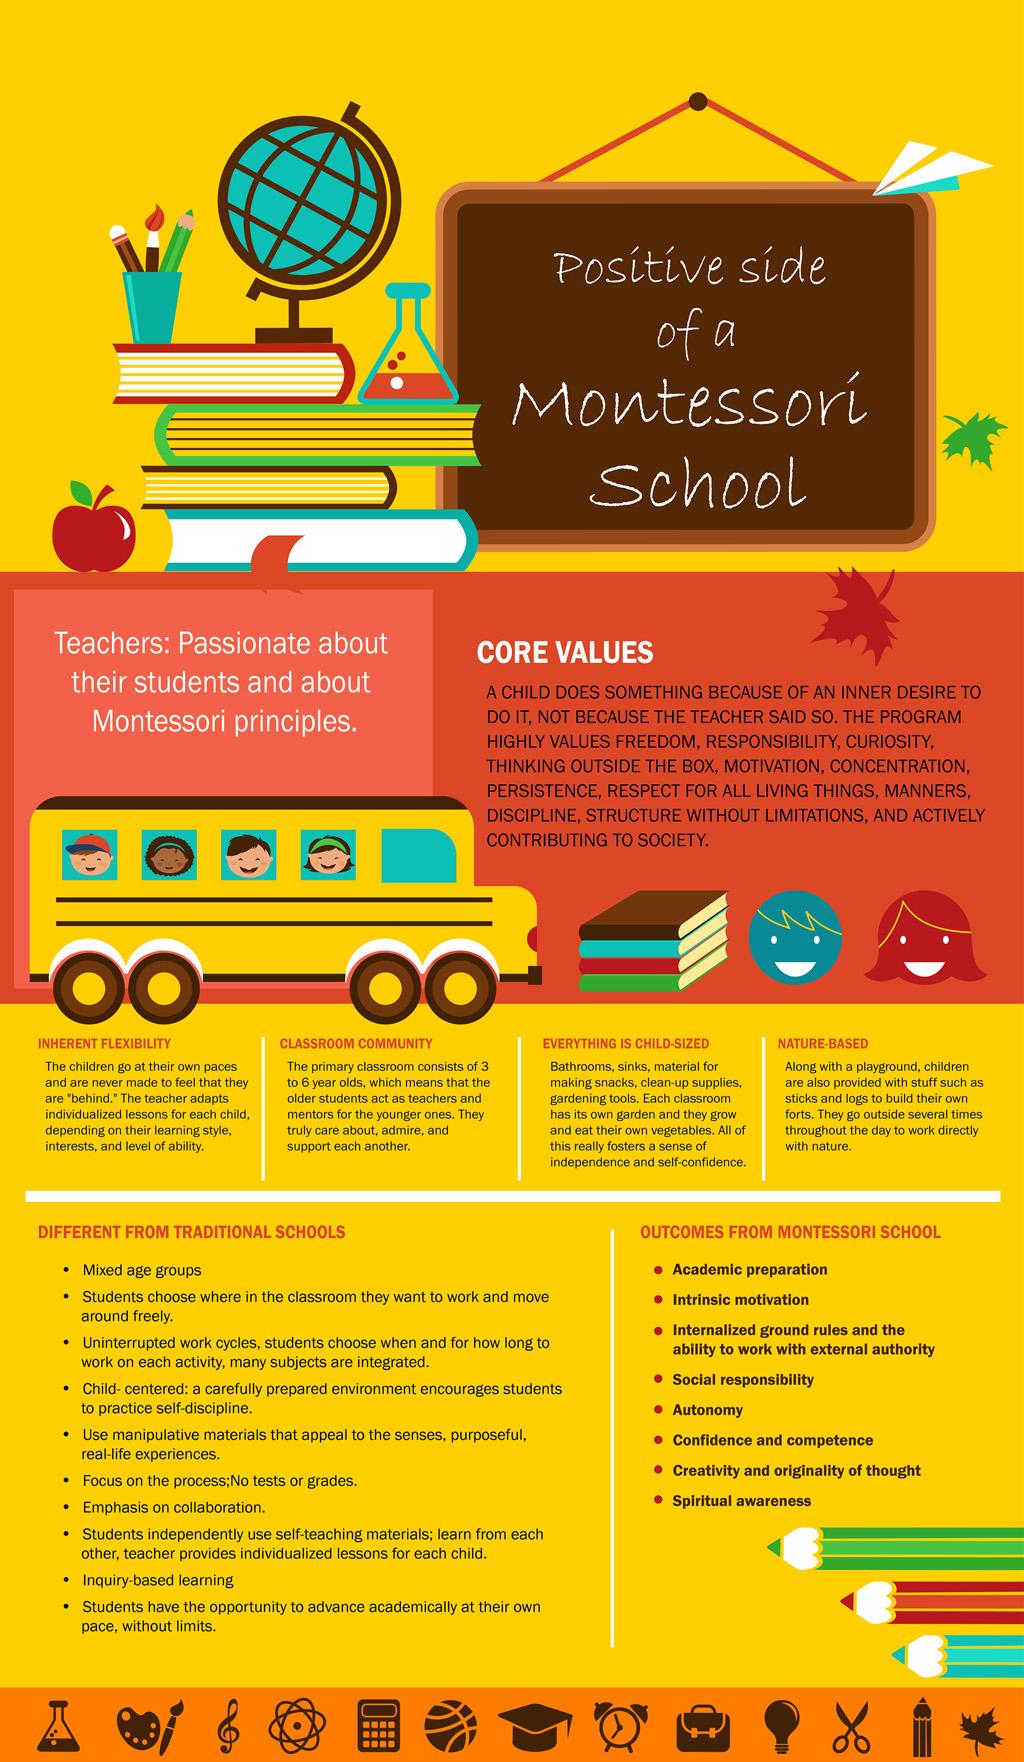 Positive-side-of-a-Montessori-School